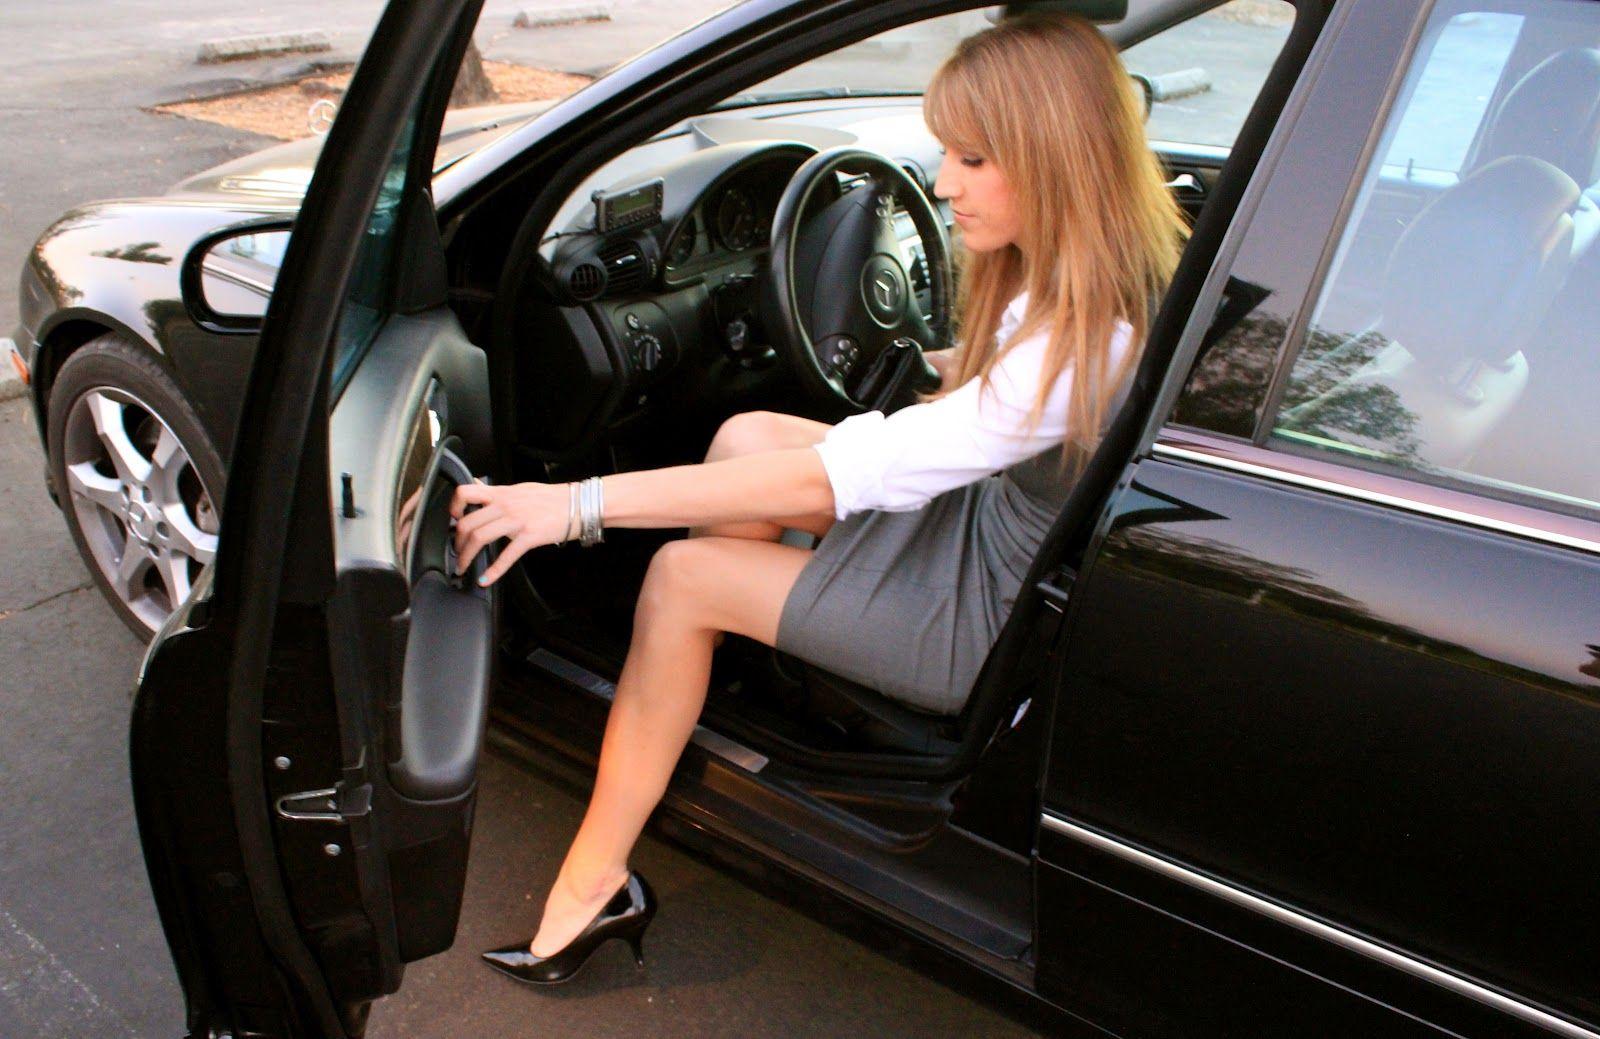 Pin By Ed Sariola On Wheelslegs Legs Doors Women